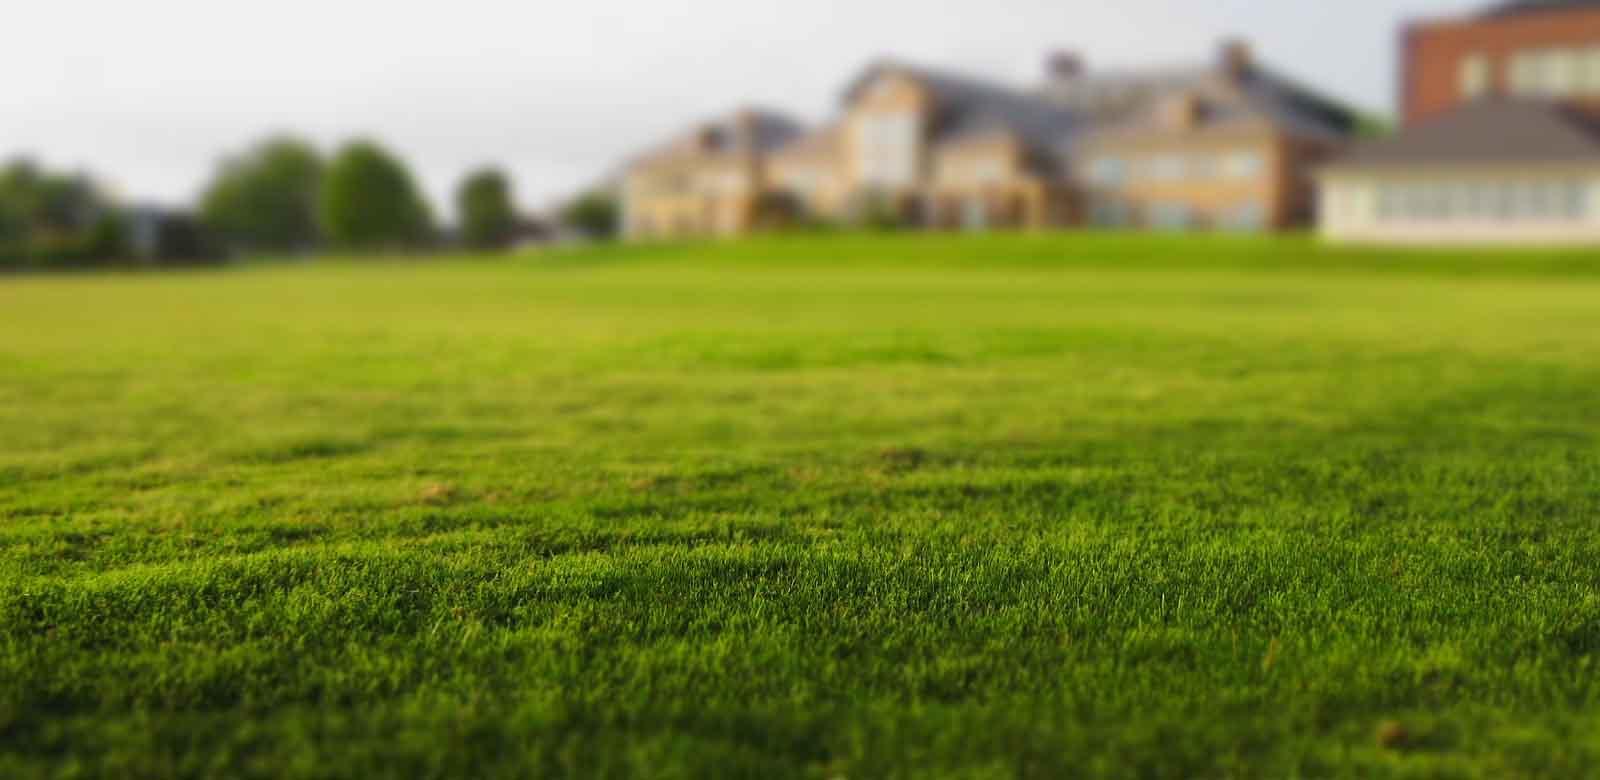 LUBIG Immobilien - Startbild